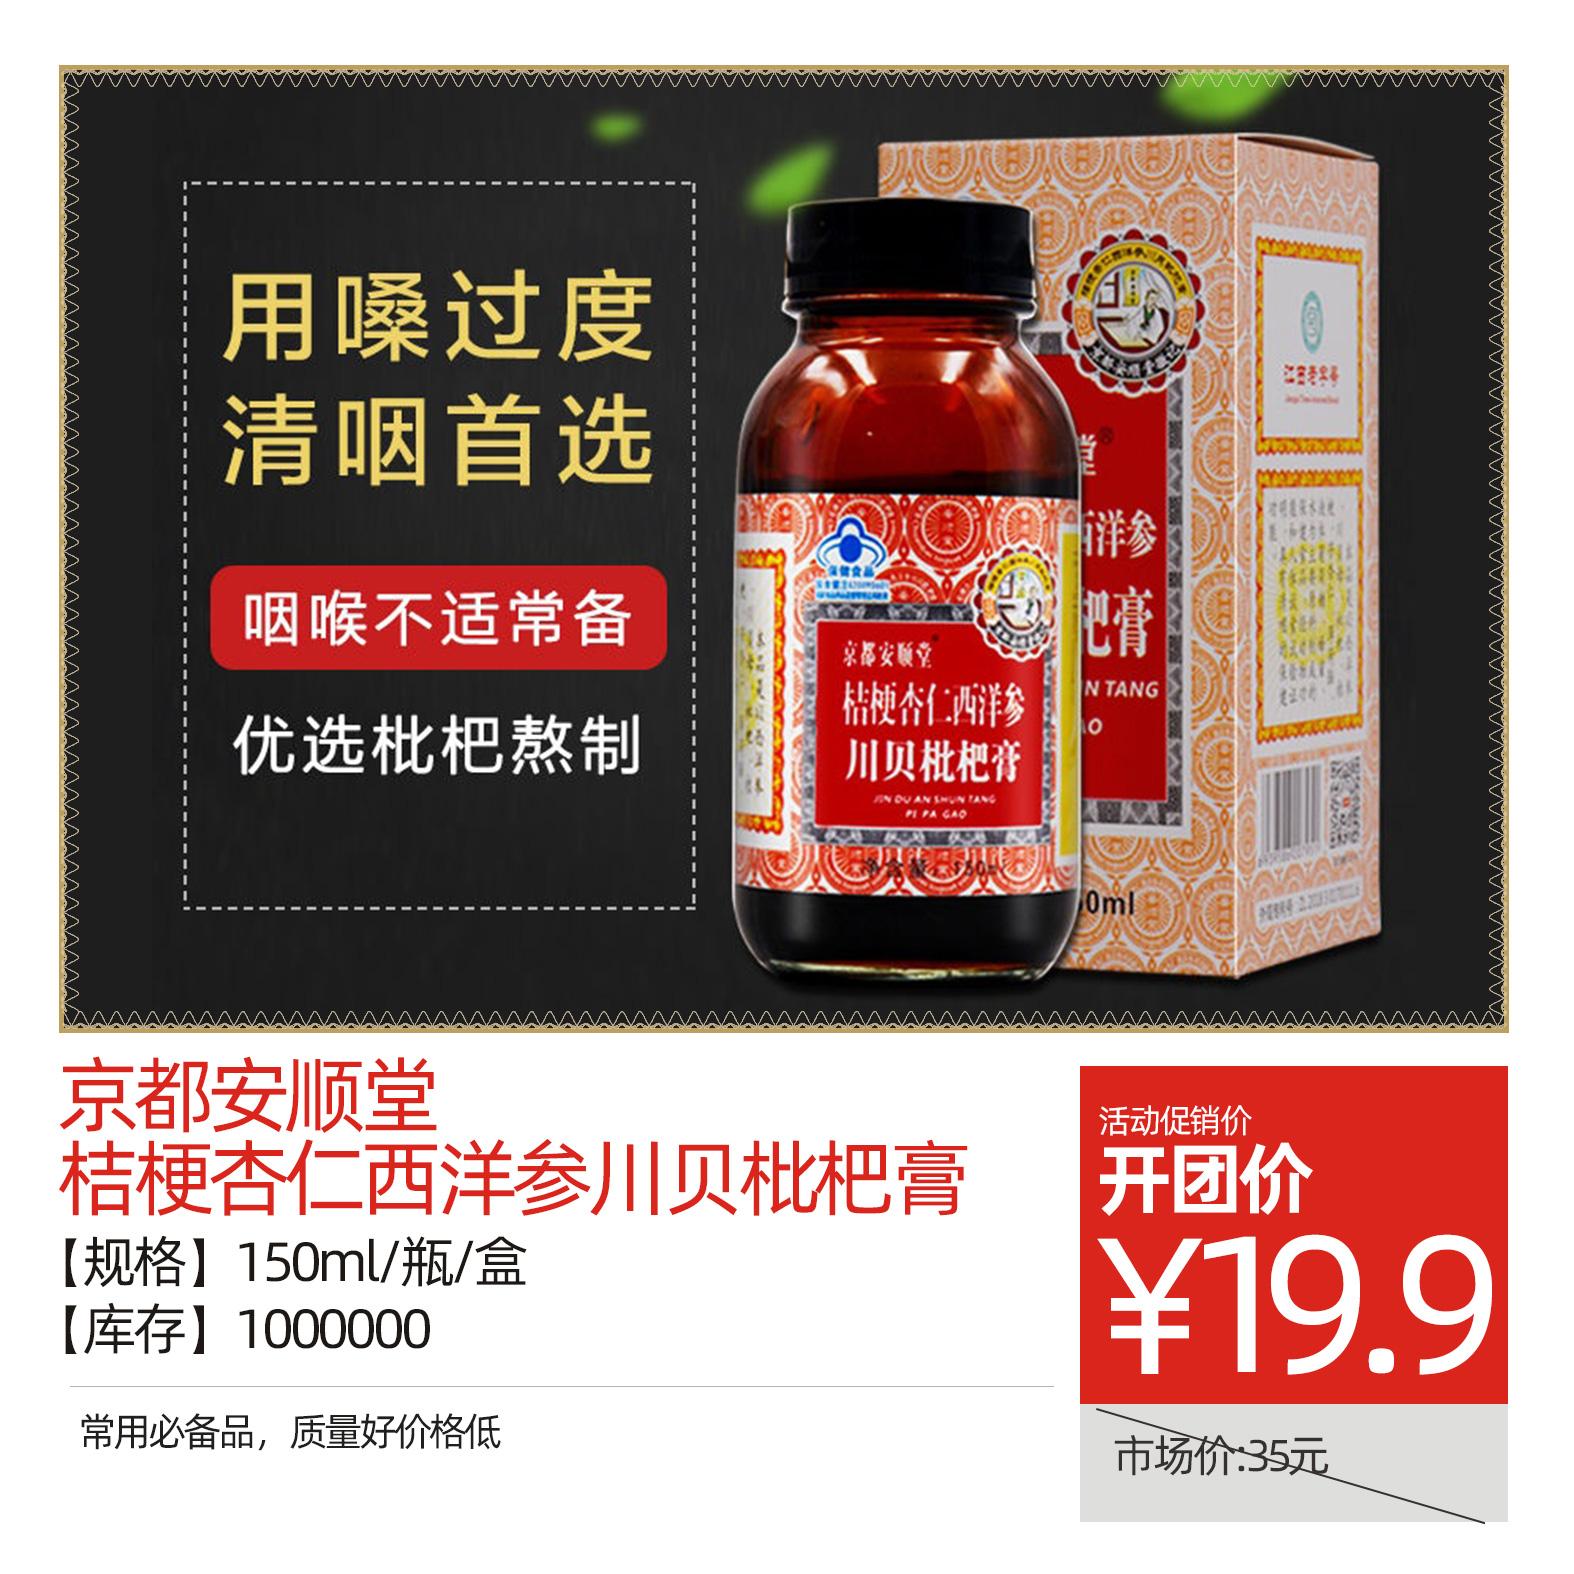 京都安顺堂桔梗杏仁西洋参川贝枇杷膏 150ml/瓶/盒